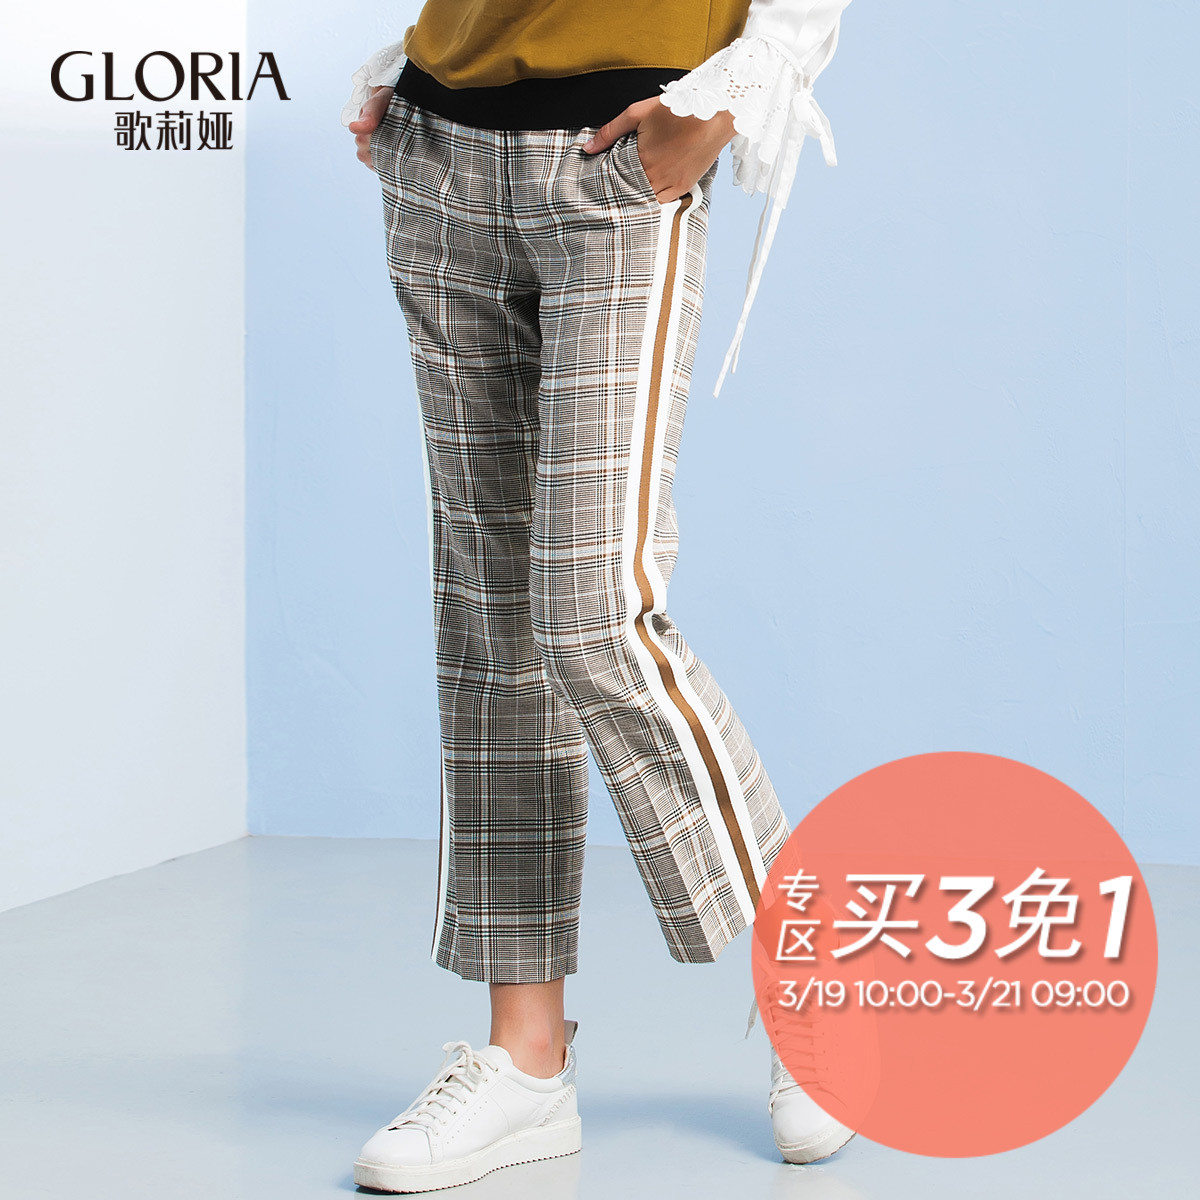 歌莉娅女装 GLORIA歌莉娅女装复古格纹微喇叭九分梭织裤179C1D050_推荐淘宝好看的歌莉娅